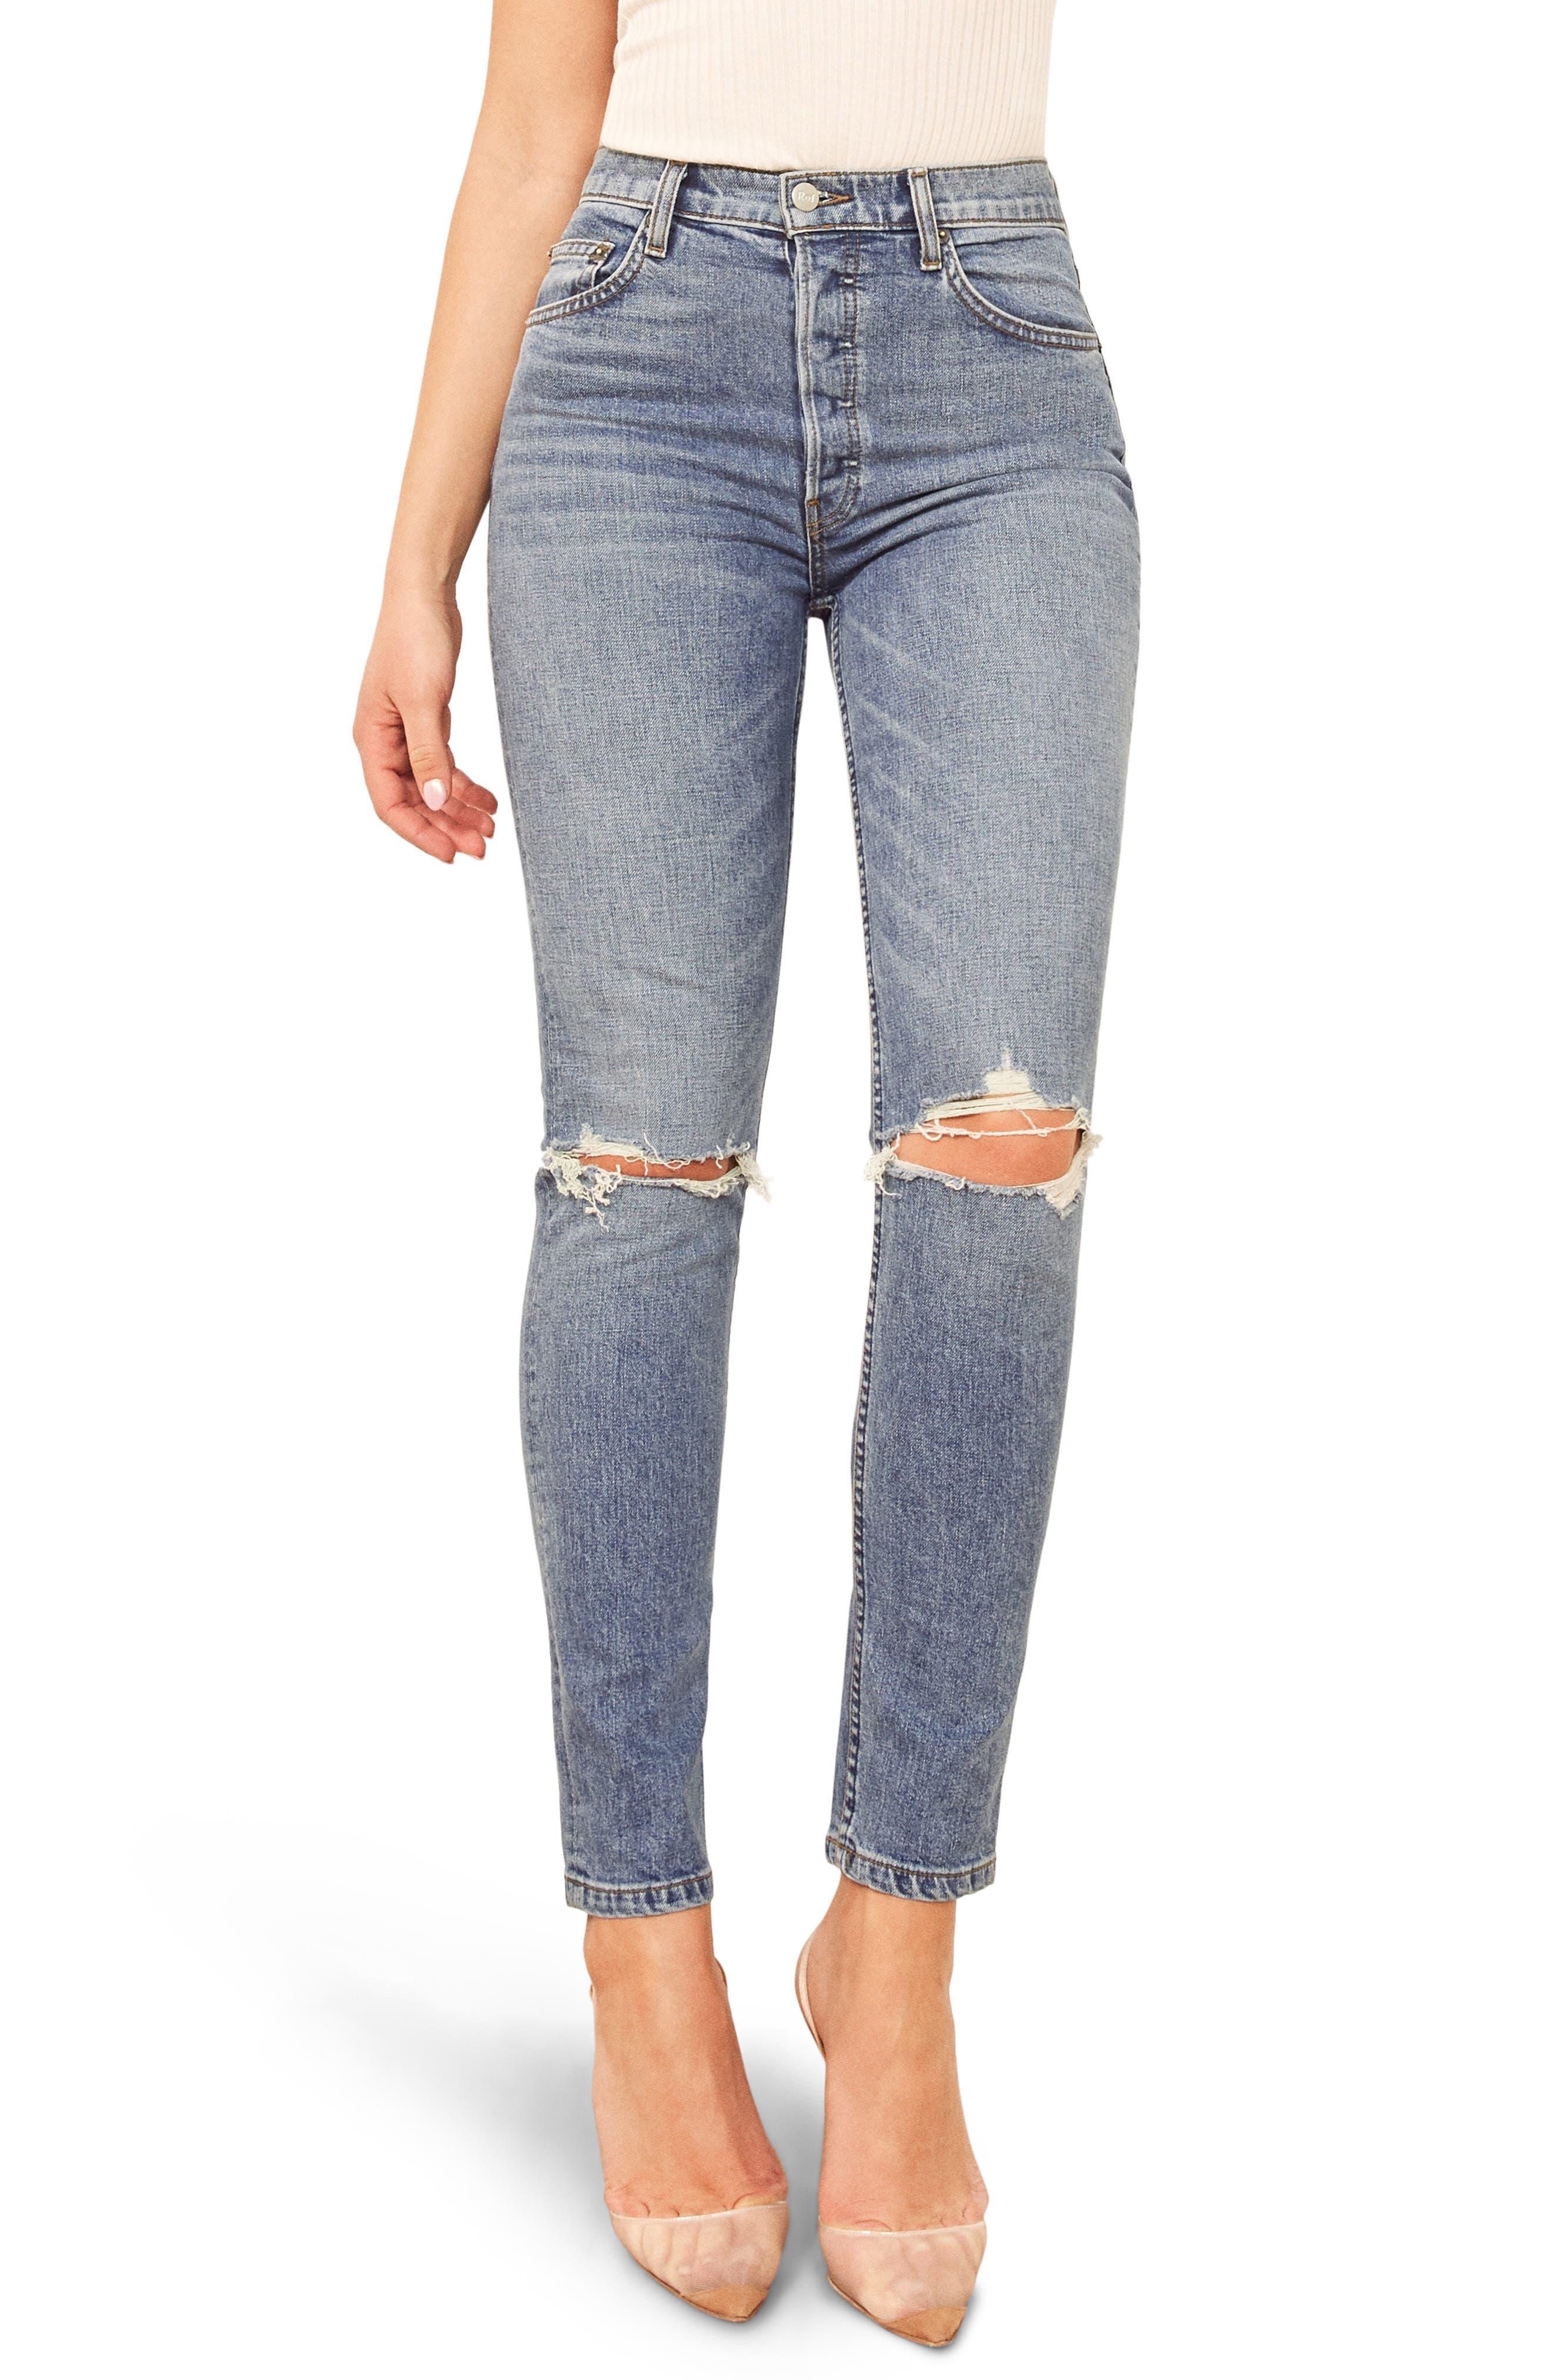 REFORMATION Serena High Waist Skinny Jeans, Main, color, MELBOURNE DESTROYED